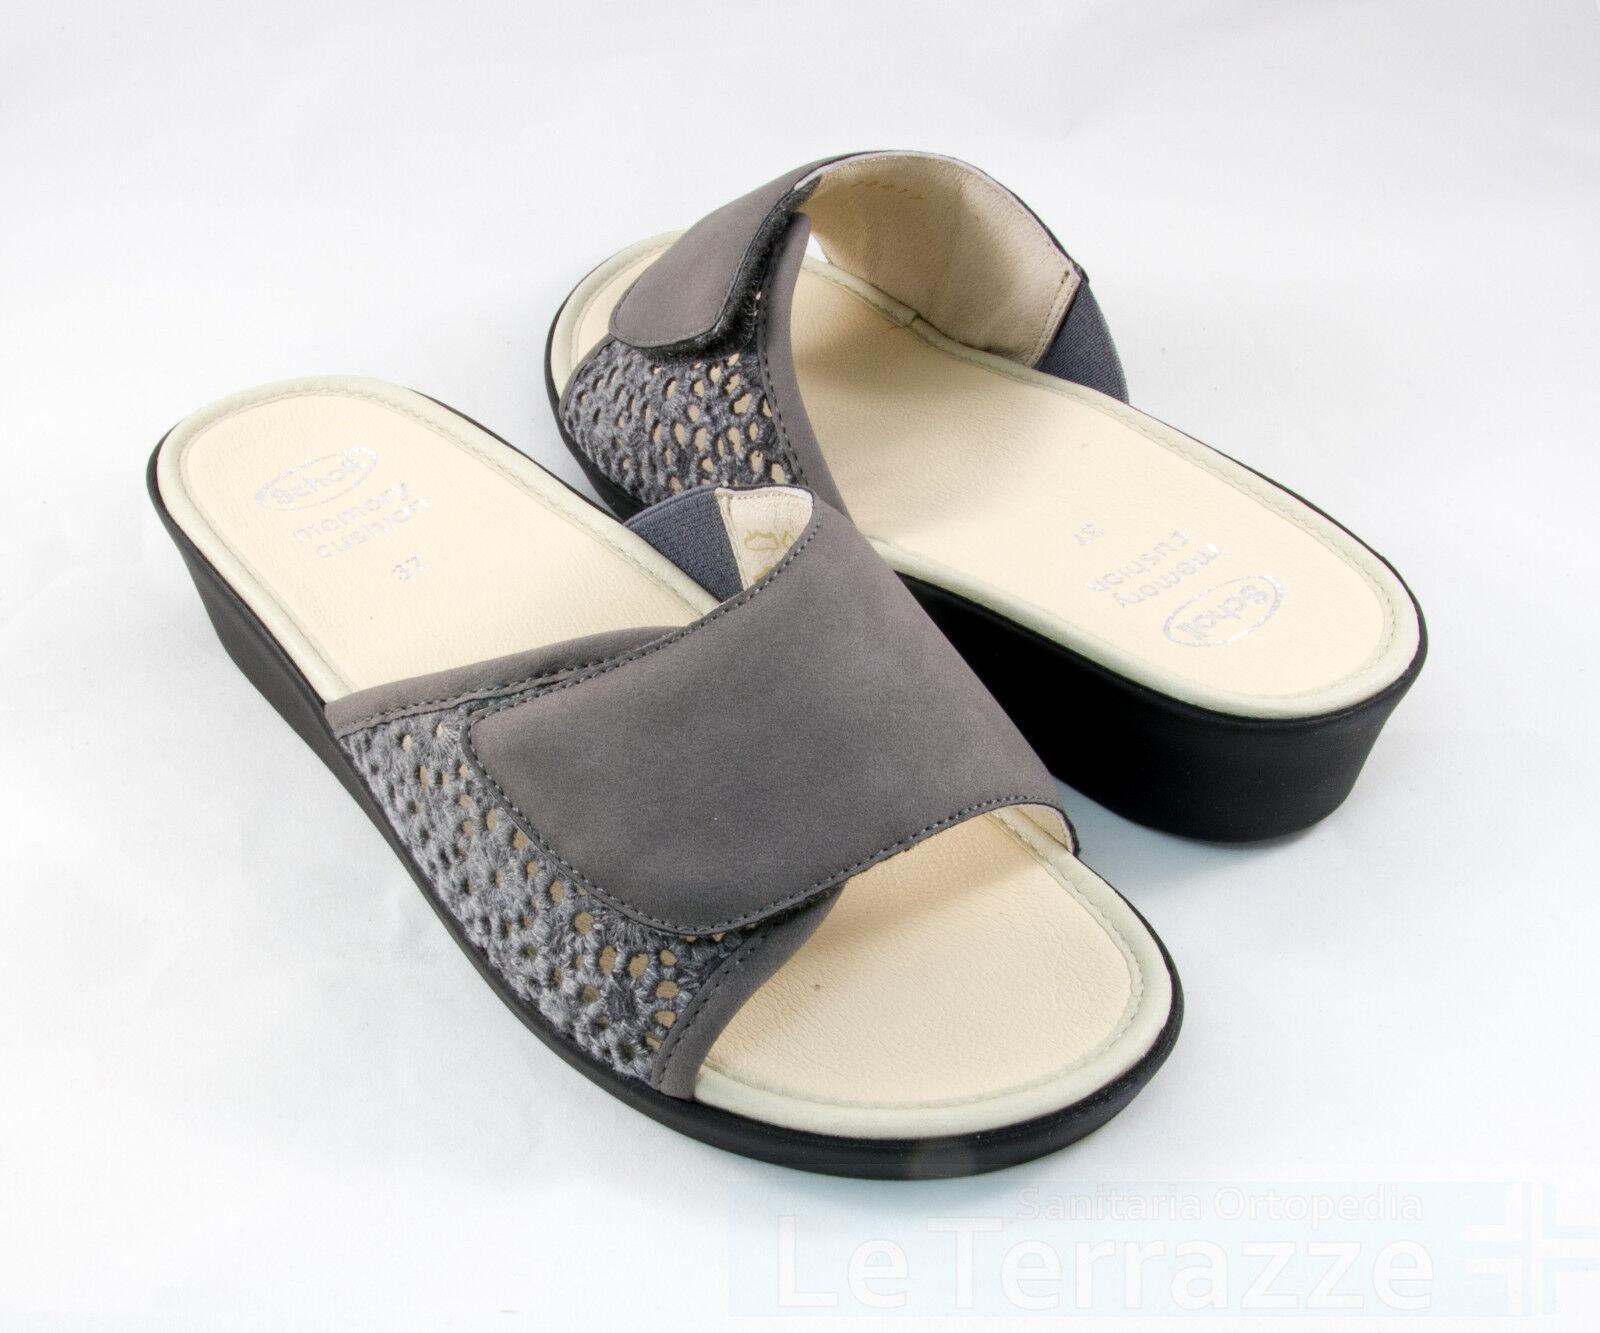 protezione post-vendita Dr Scholl Yona memory cushion ciabatte pantofole SCONTO SCONTO SCONTO 10%  classico senza tempo